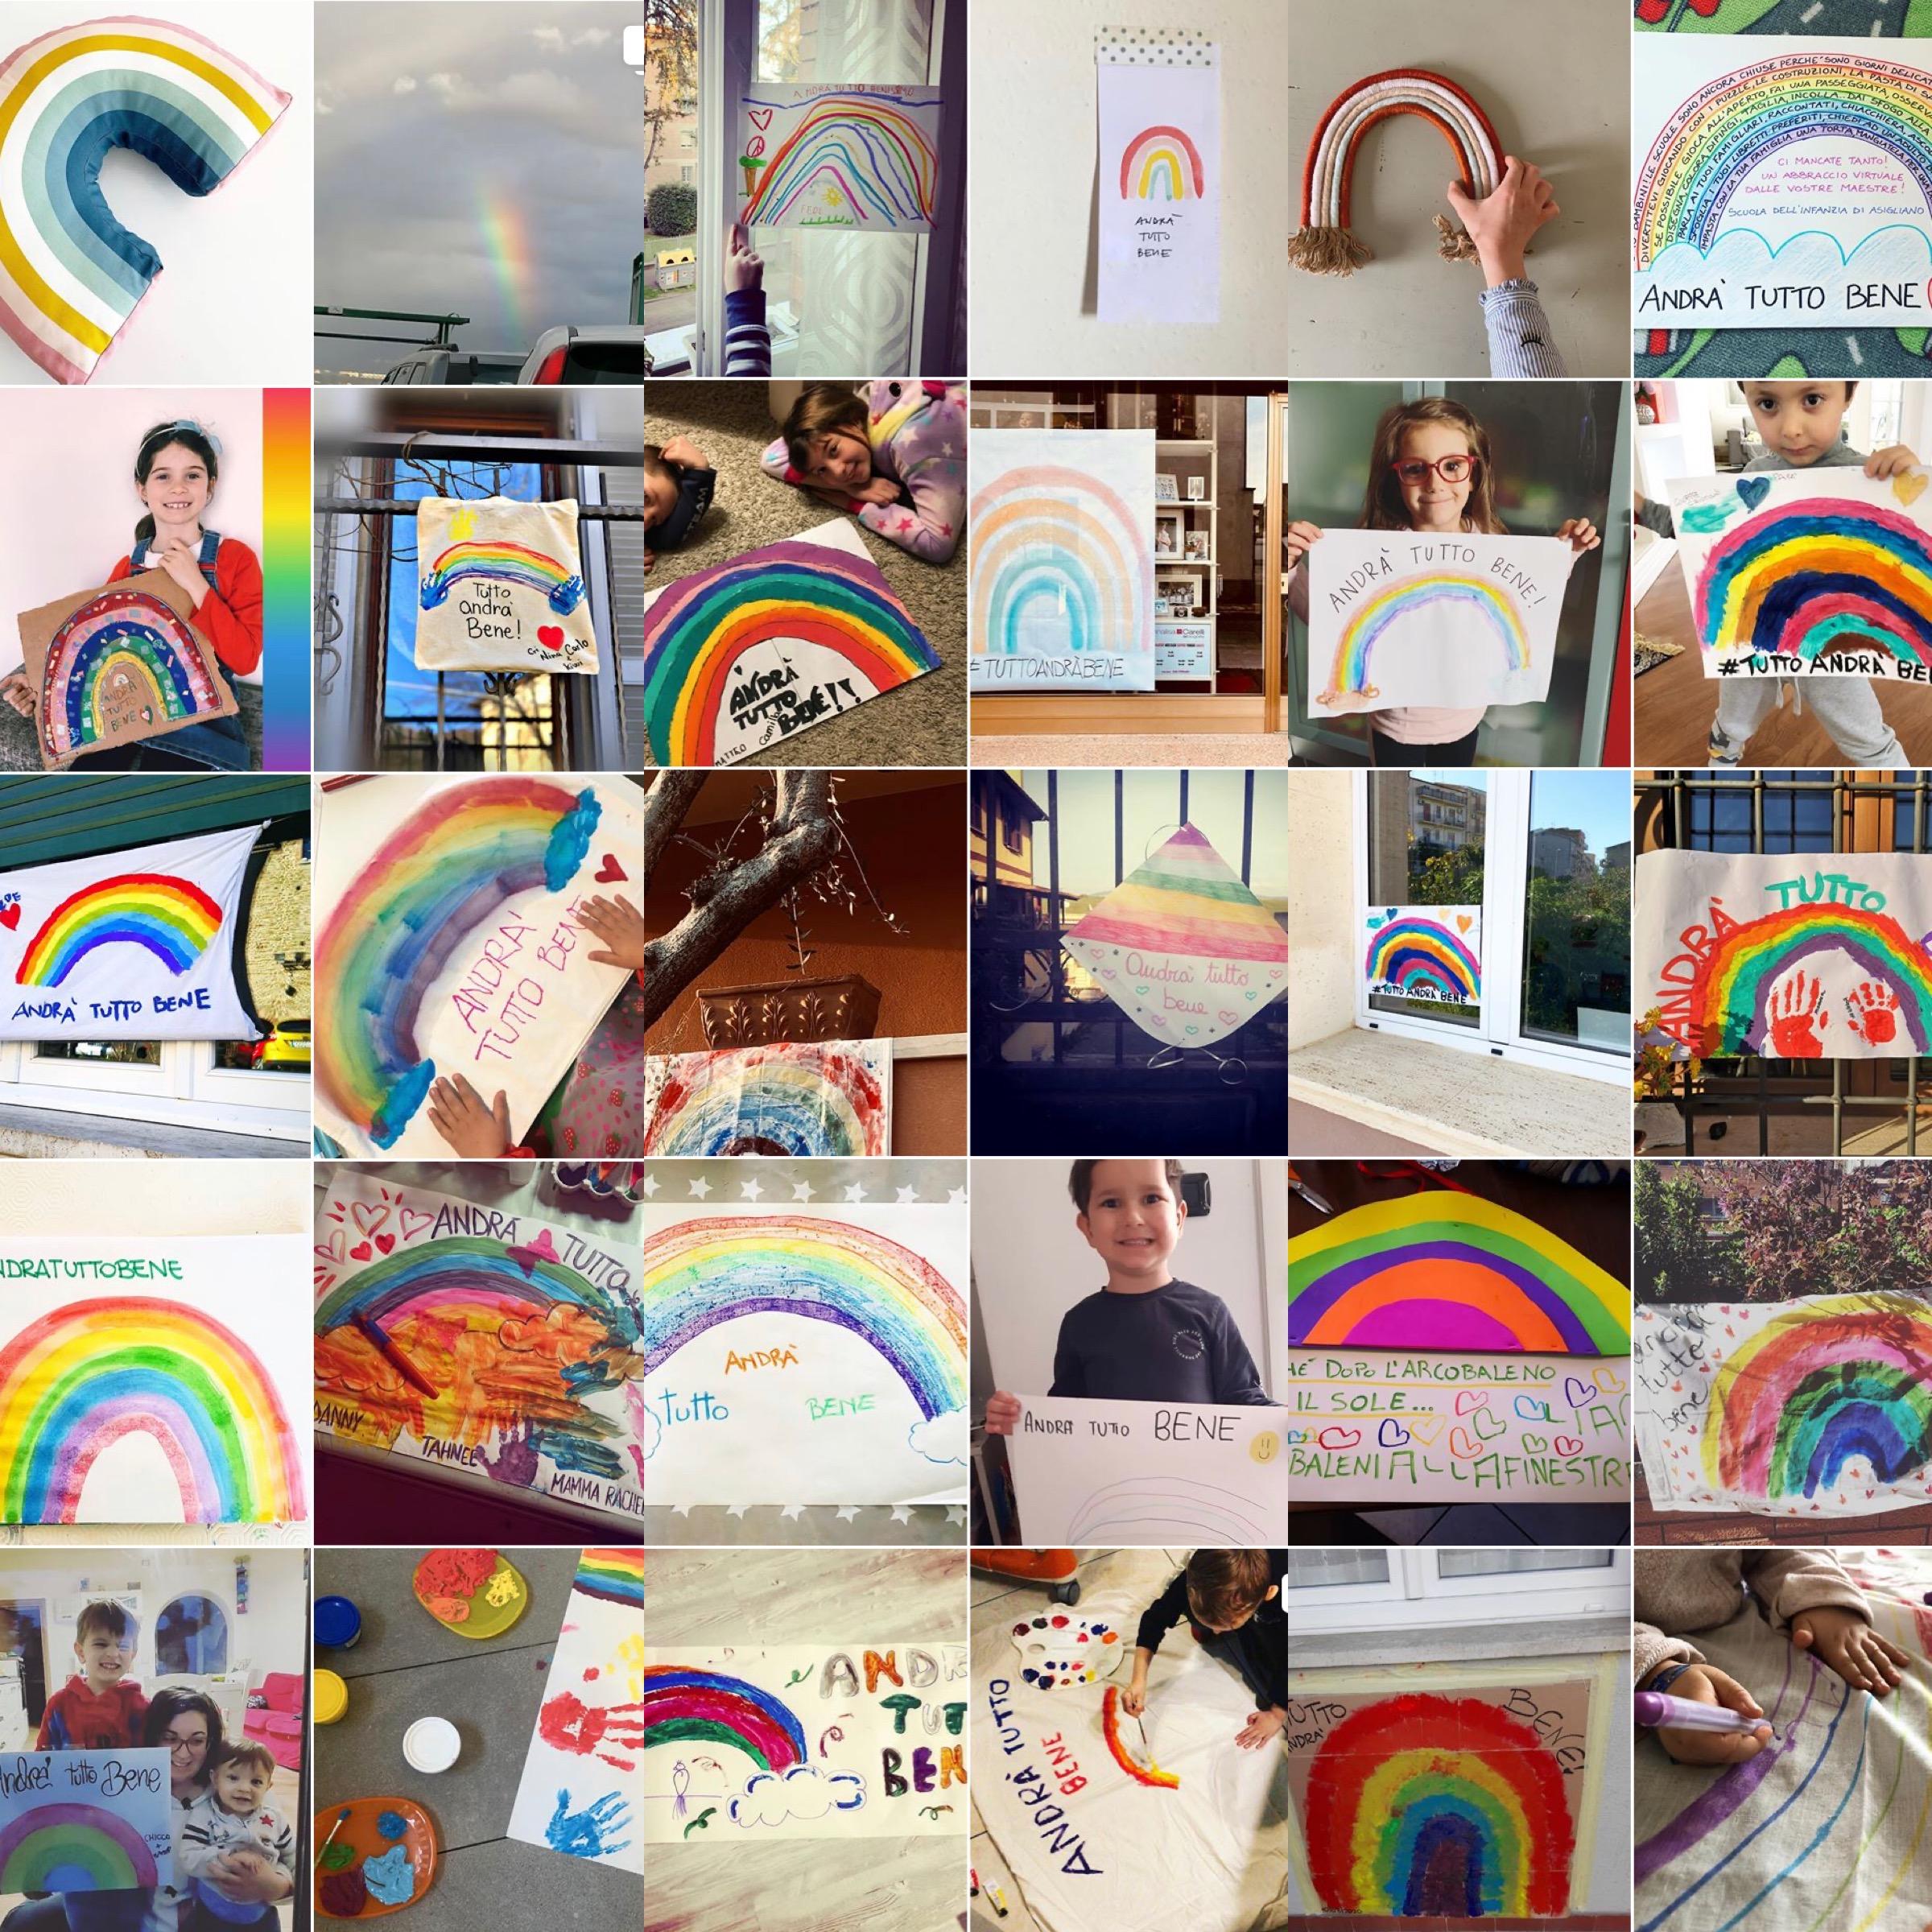 arcobaleniallafinestra